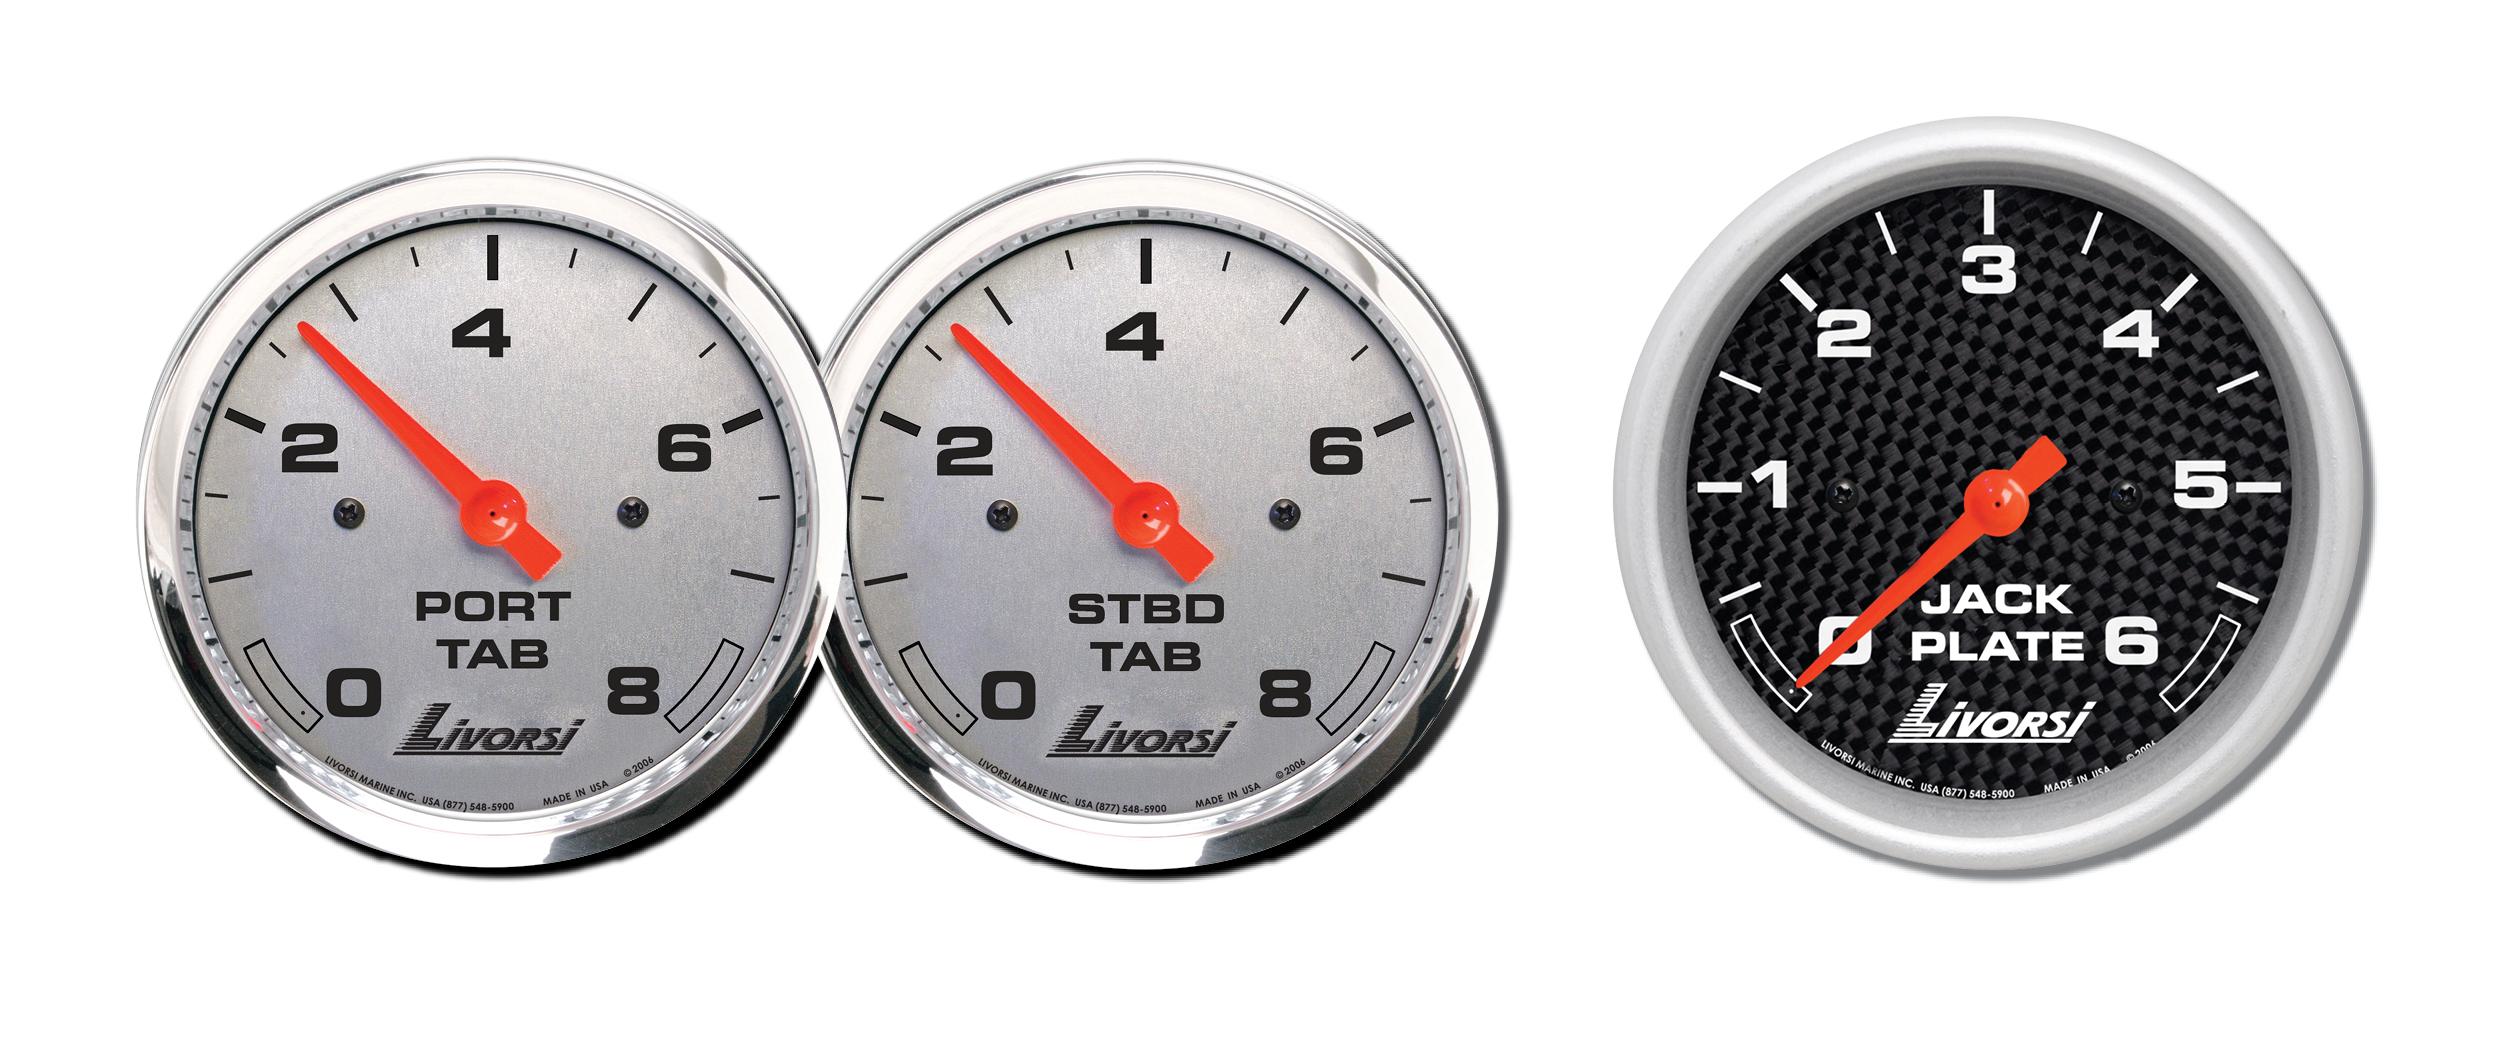 jack plate etc gauge livorsi marine, inc jack plate, tabs & drives gauge  at gsmx.co